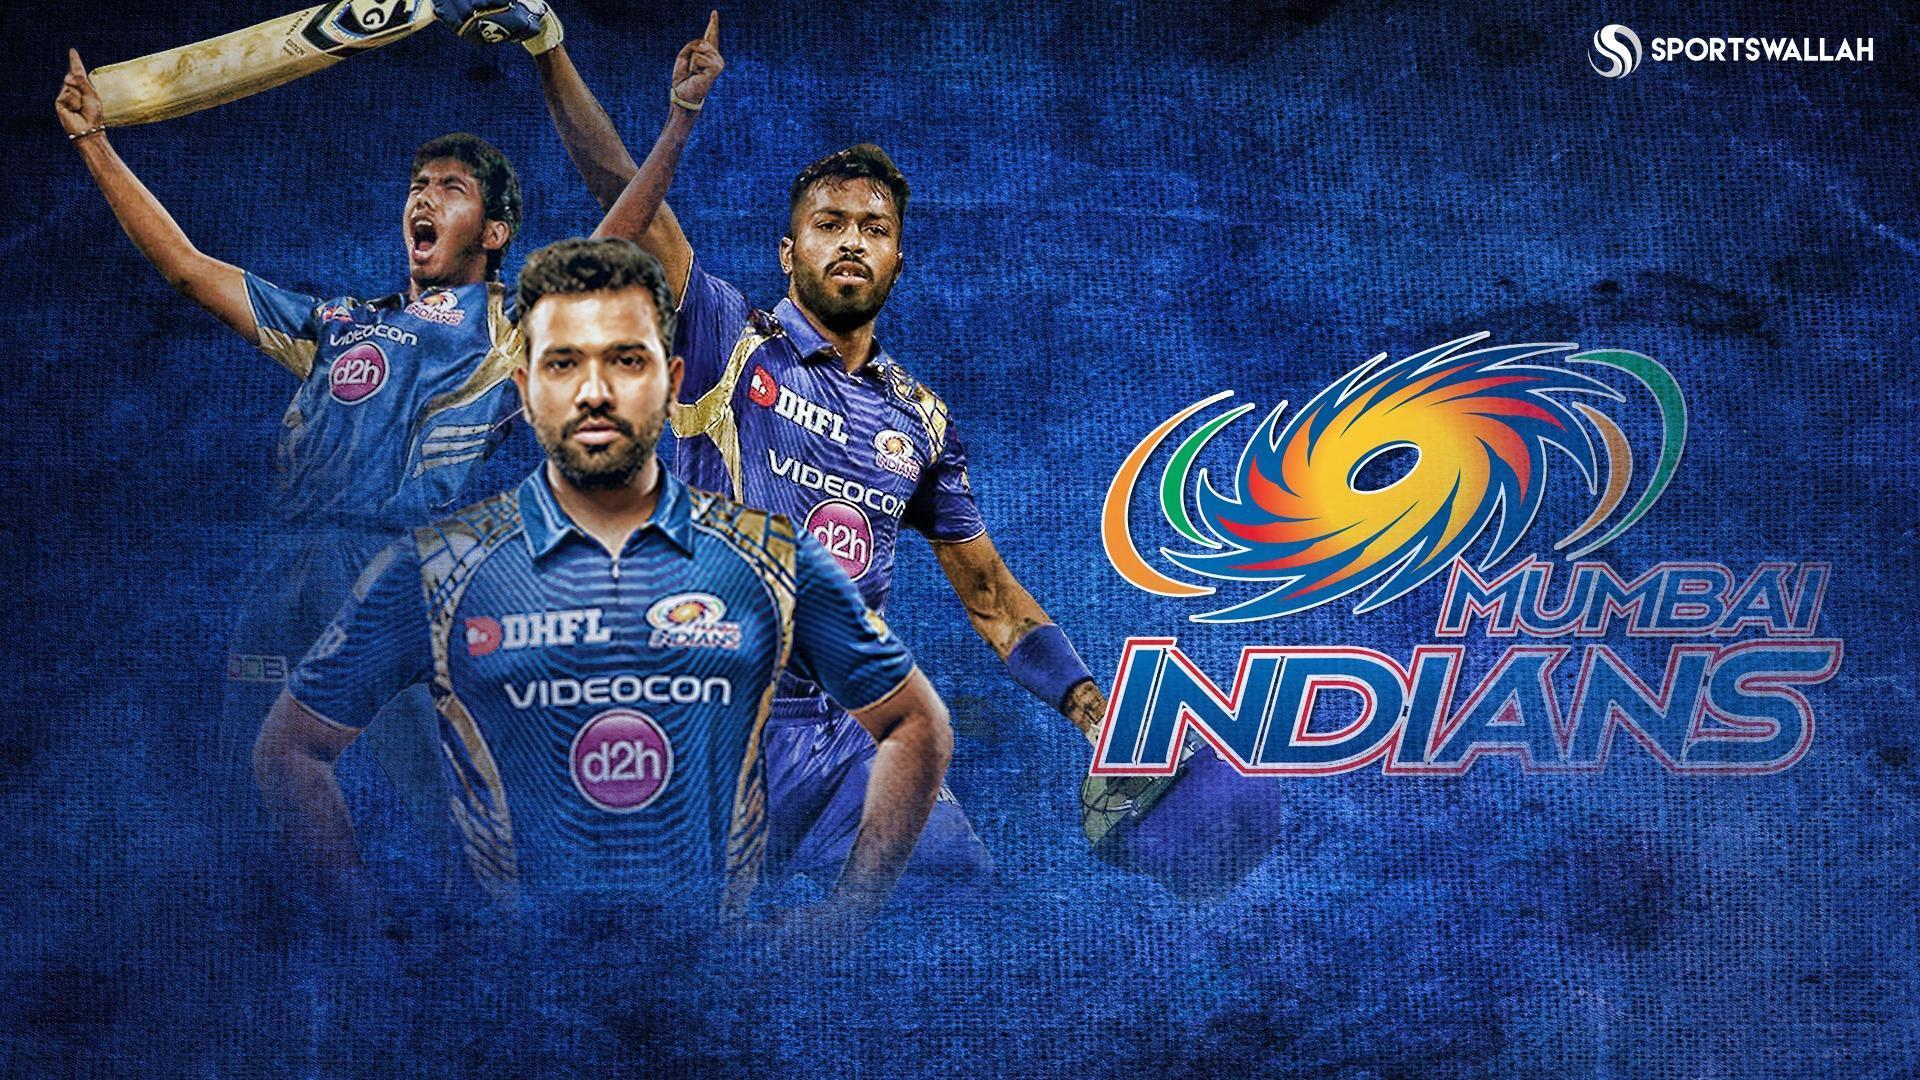 Mumbai Indians Wallpapers - Top Free Mumbai Indians Backgrounds ...